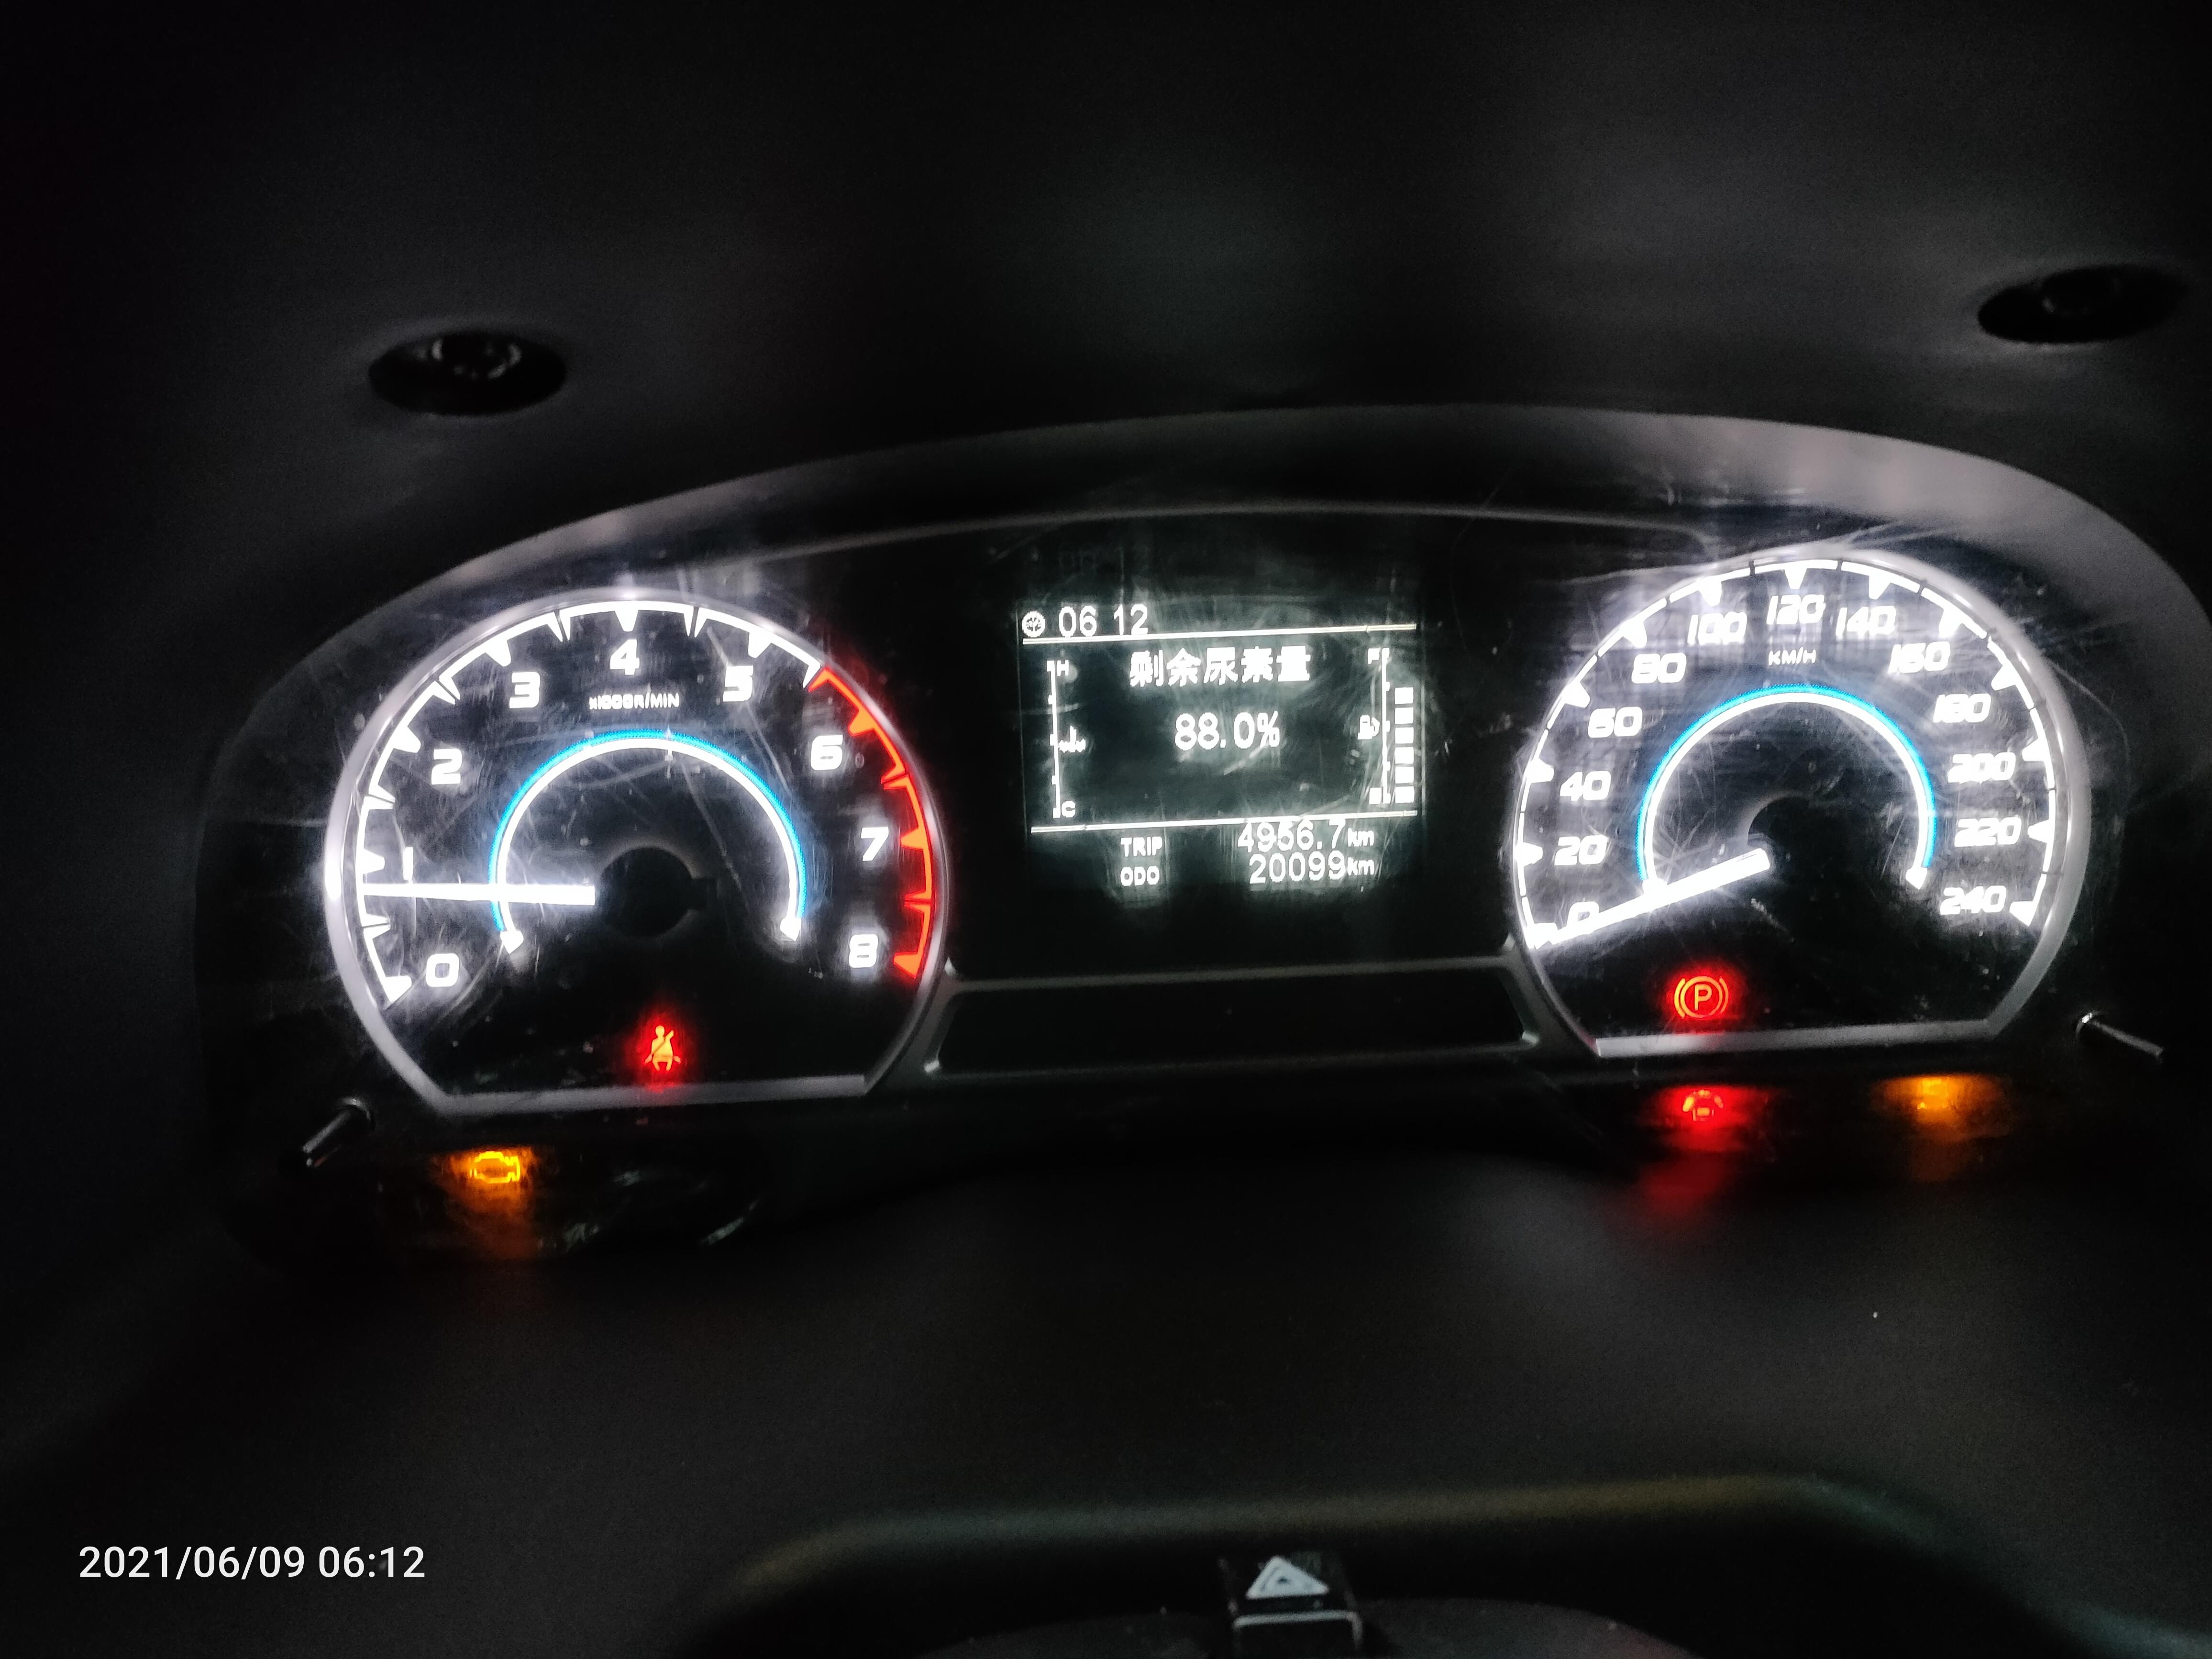 江铃汽车特顺车辆尿素灯和发动机故障灯多次异常亮起,4S店多次维修后问题依旧存在